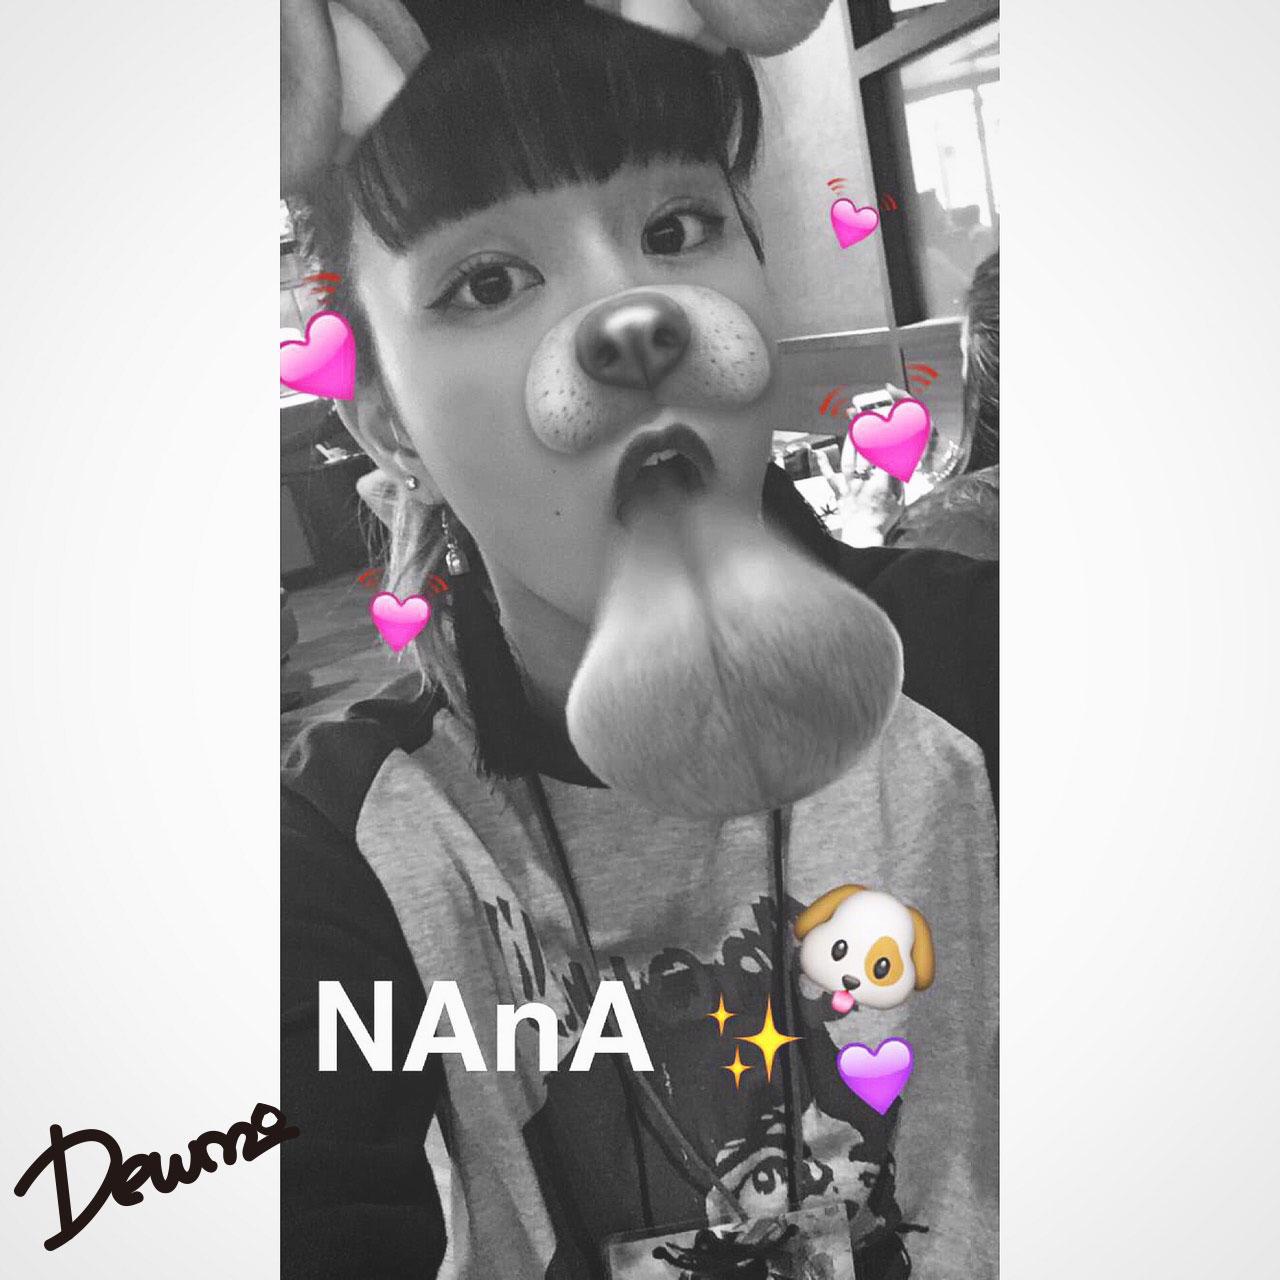 NAnA Dewmo